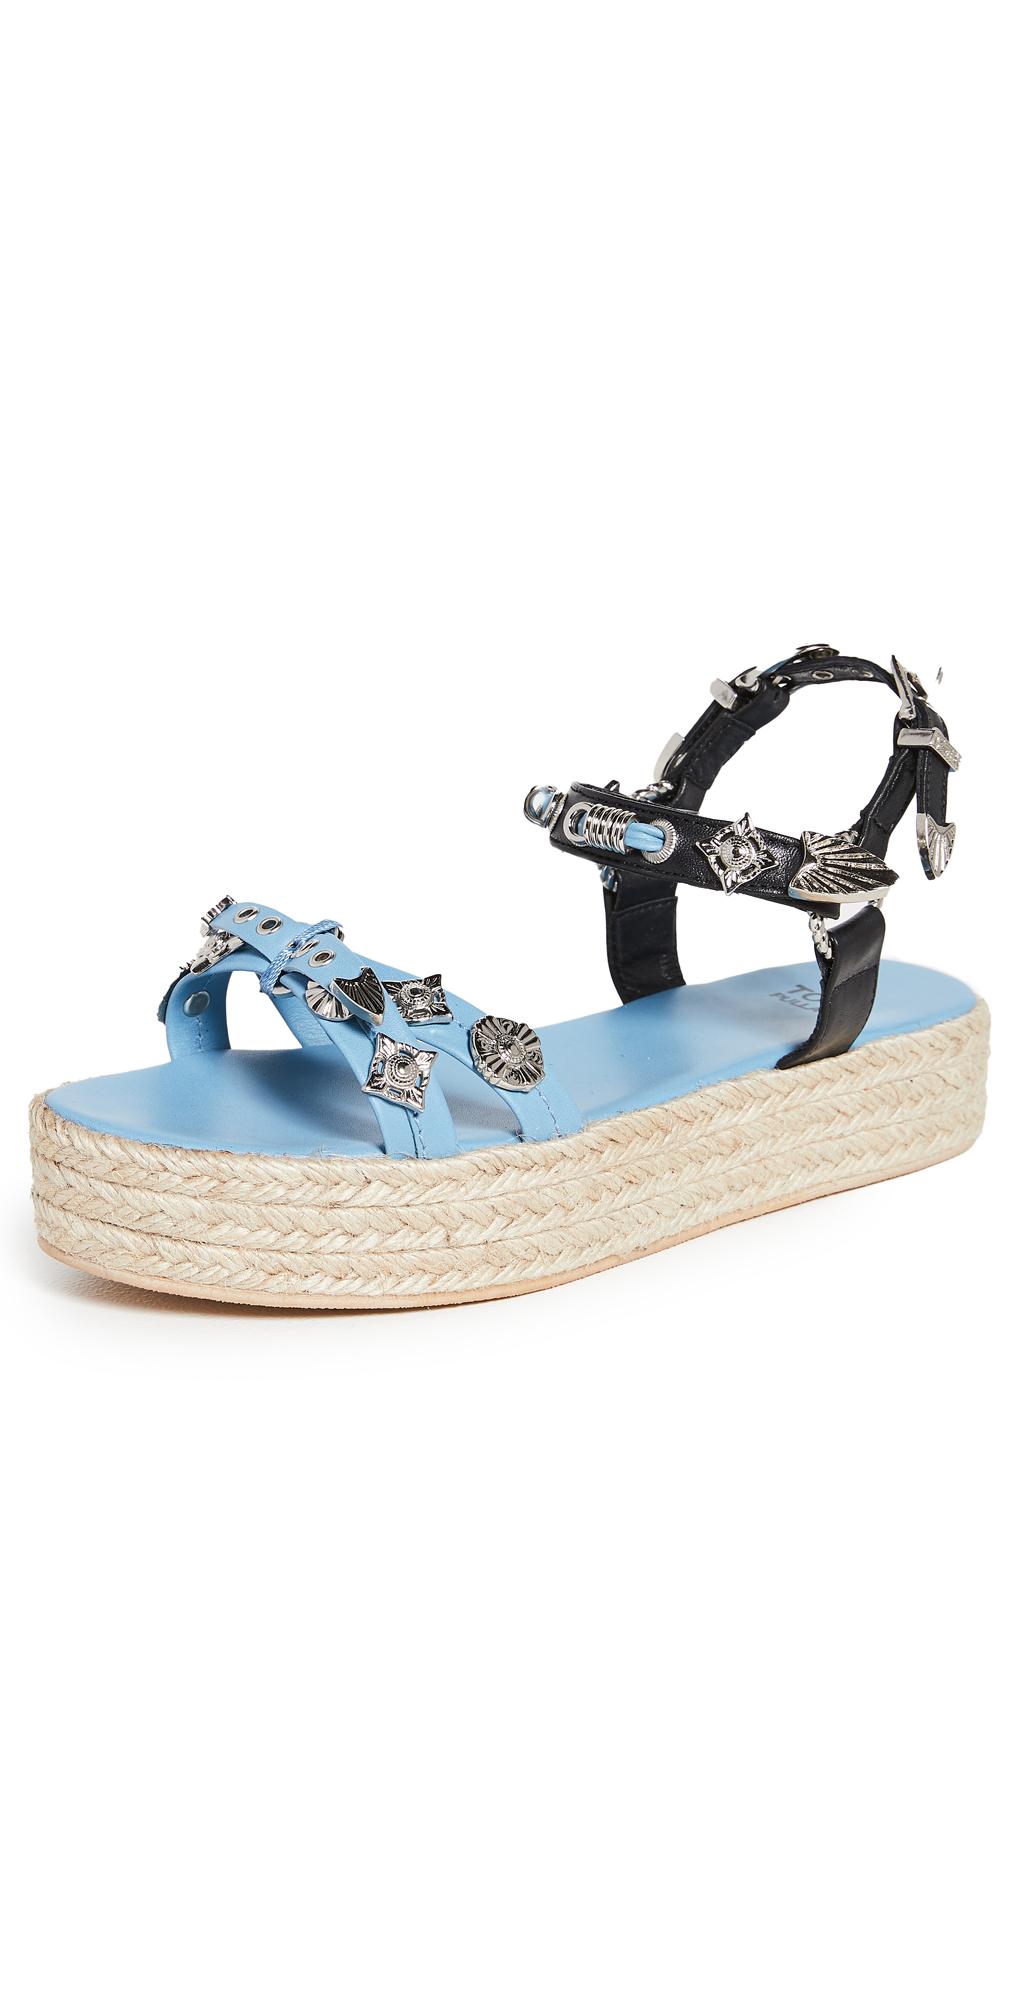 Toga Pulla Espadrille Sandals